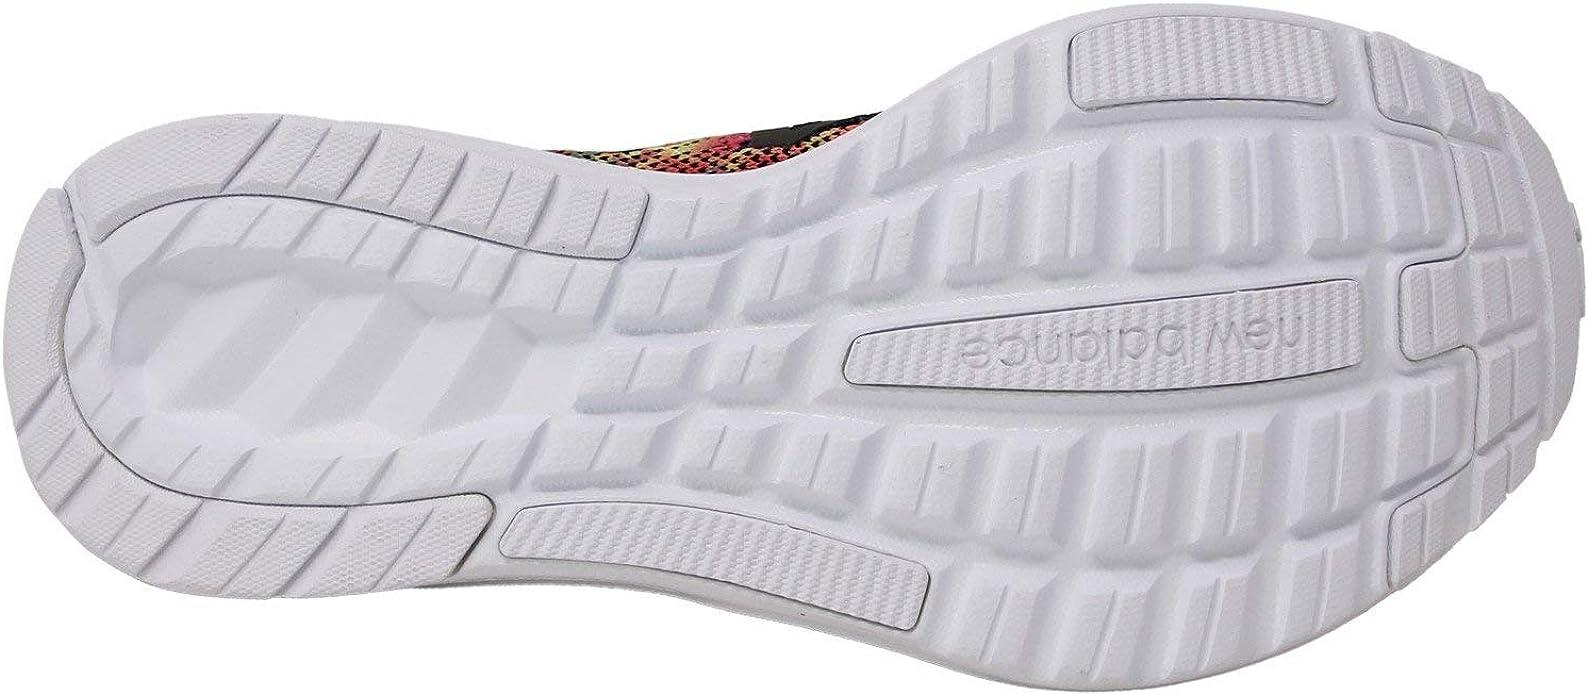 NEW BALANCE M890 Running Speed - Zapatillas de Deporte para Hombre: New Balance: Amazon.es: Zapatos y complementos